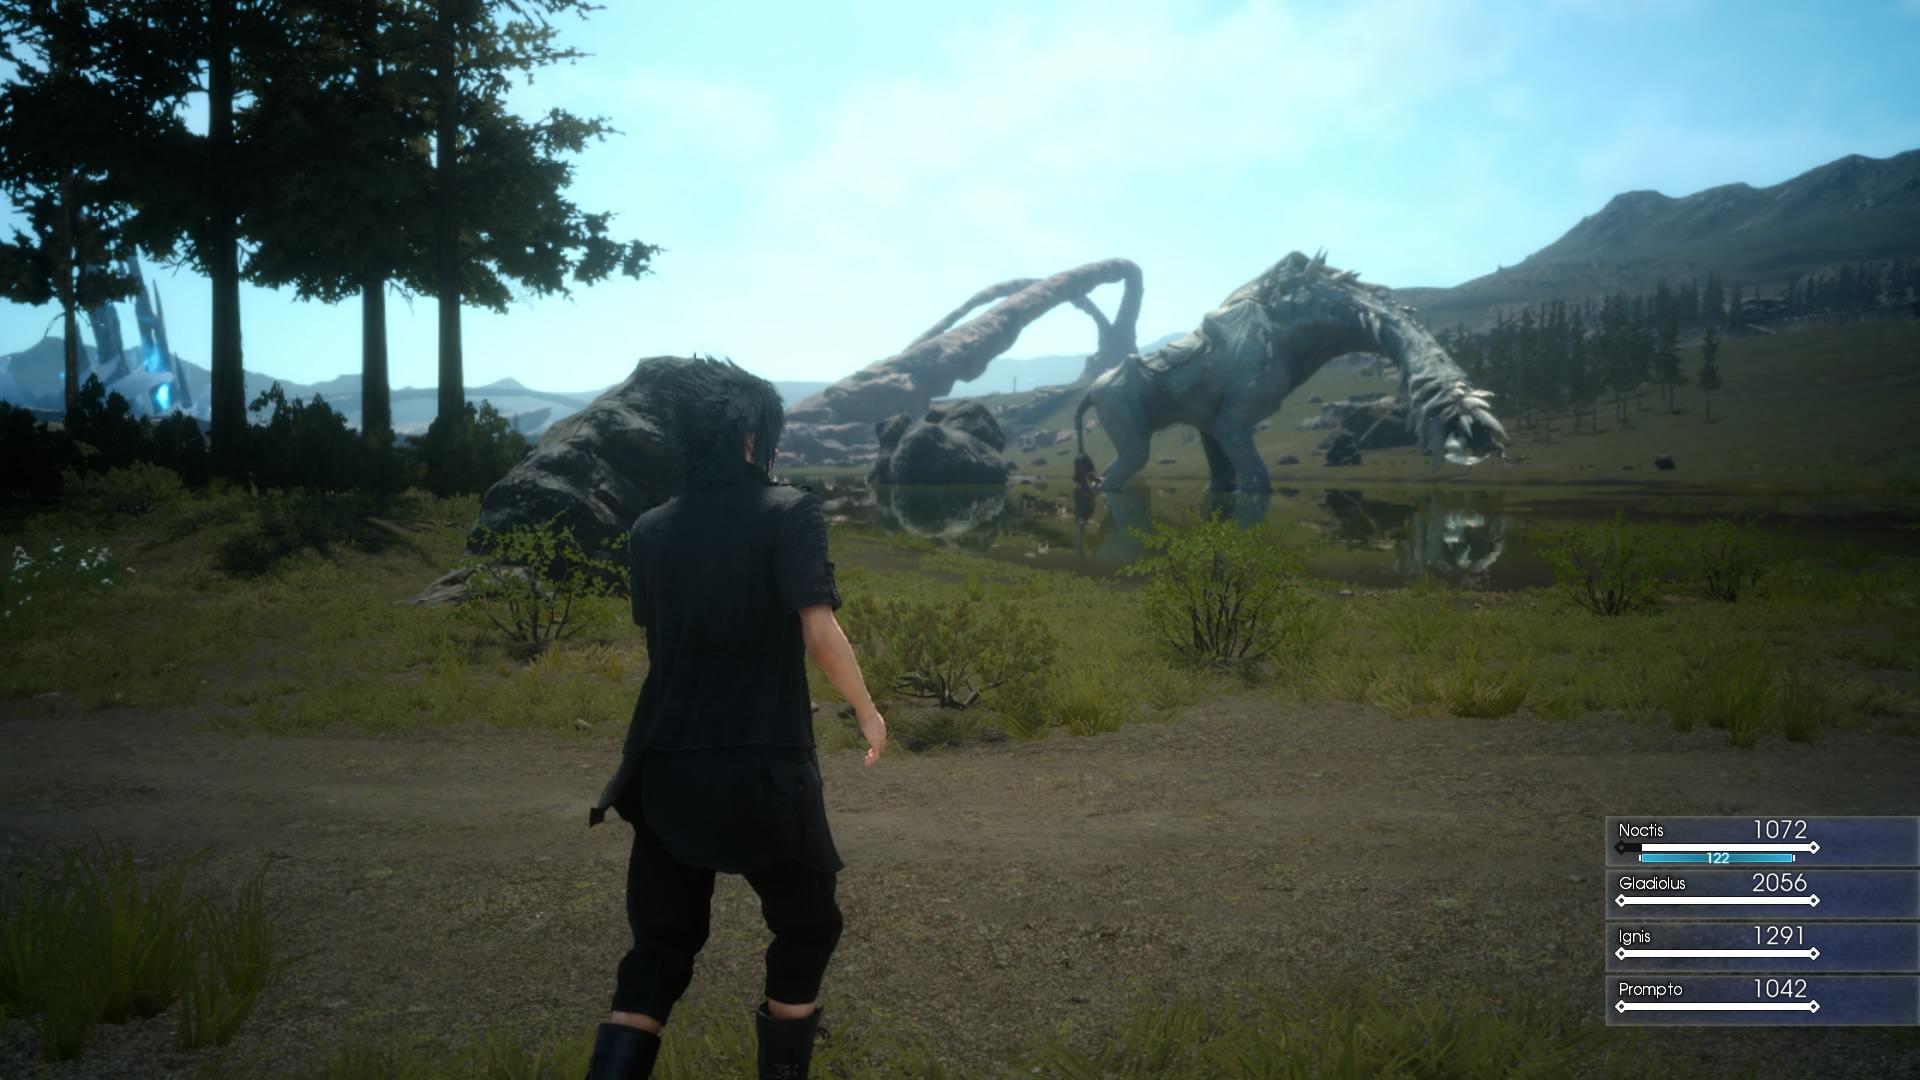 Episode Duscae angespielt: Final Fantasy ist endlich wieder zeitgemäß - Screenshot aus Final Fantasy 15 - Episode Duscae (Bild: Golem.de)